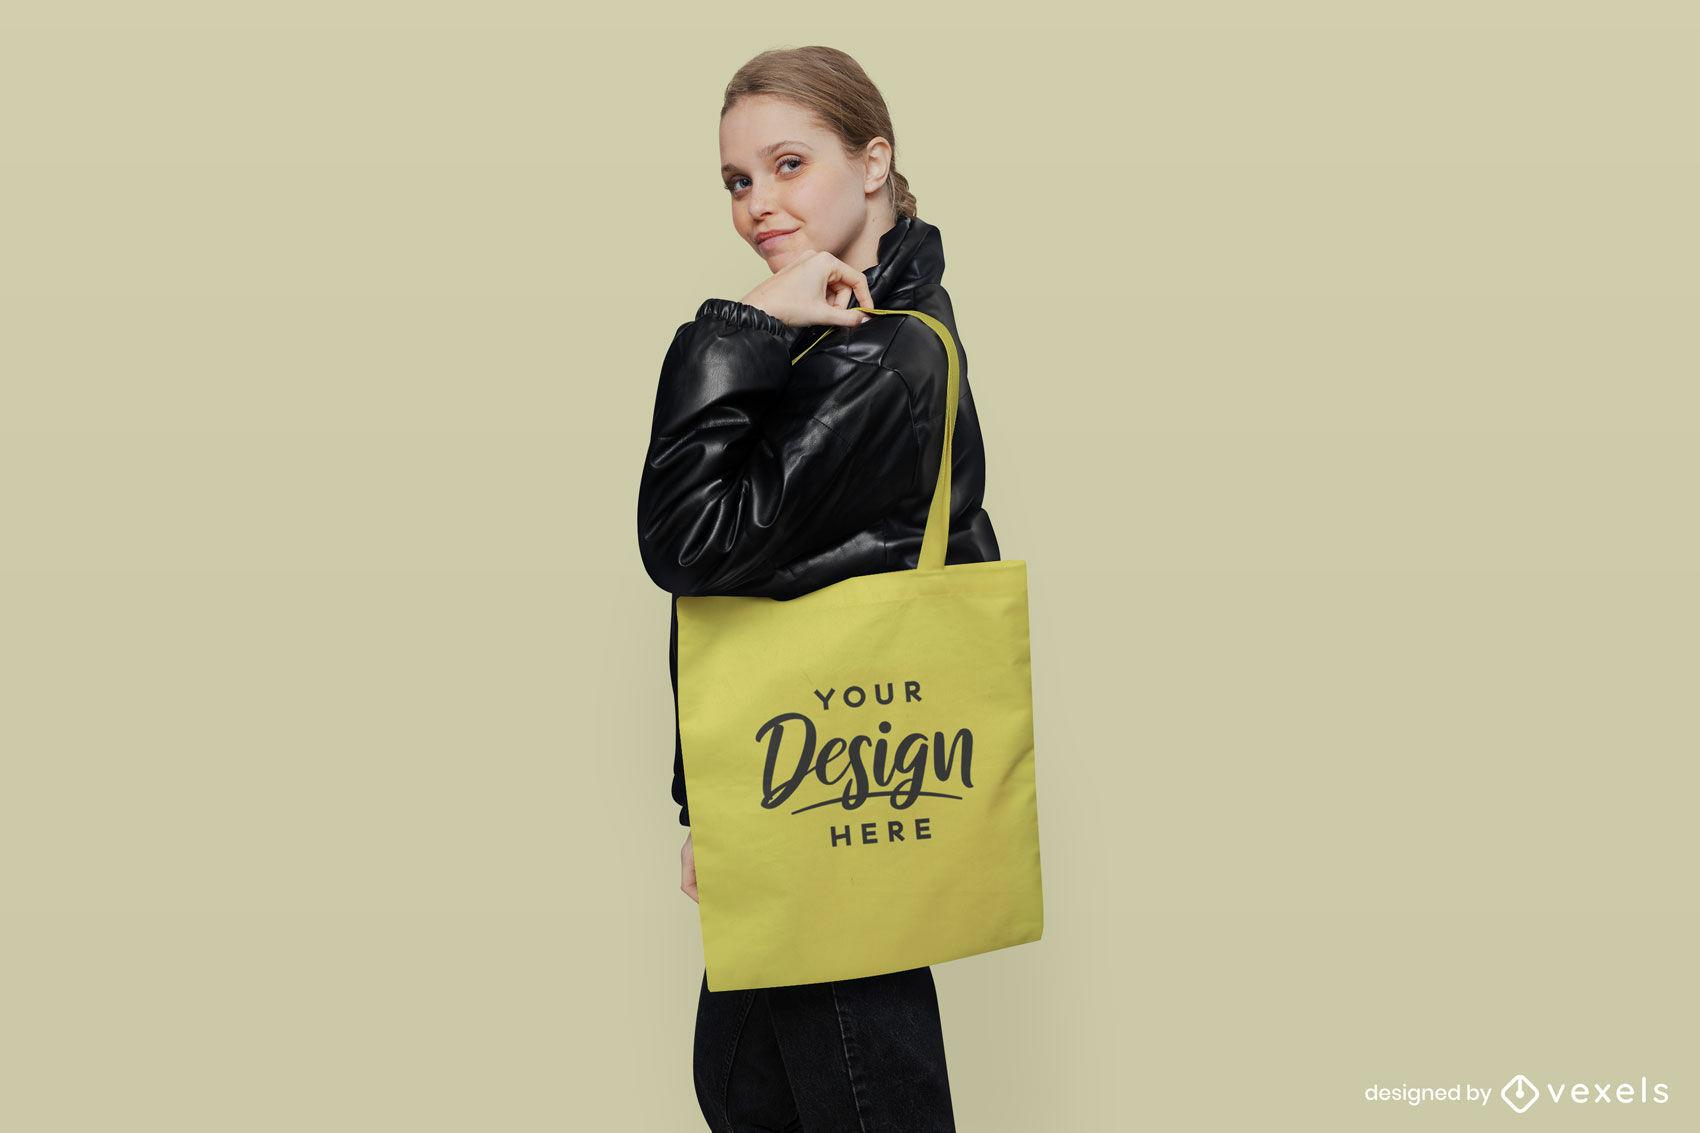 Garota de sacola amarela com maquete de jaqueta preta